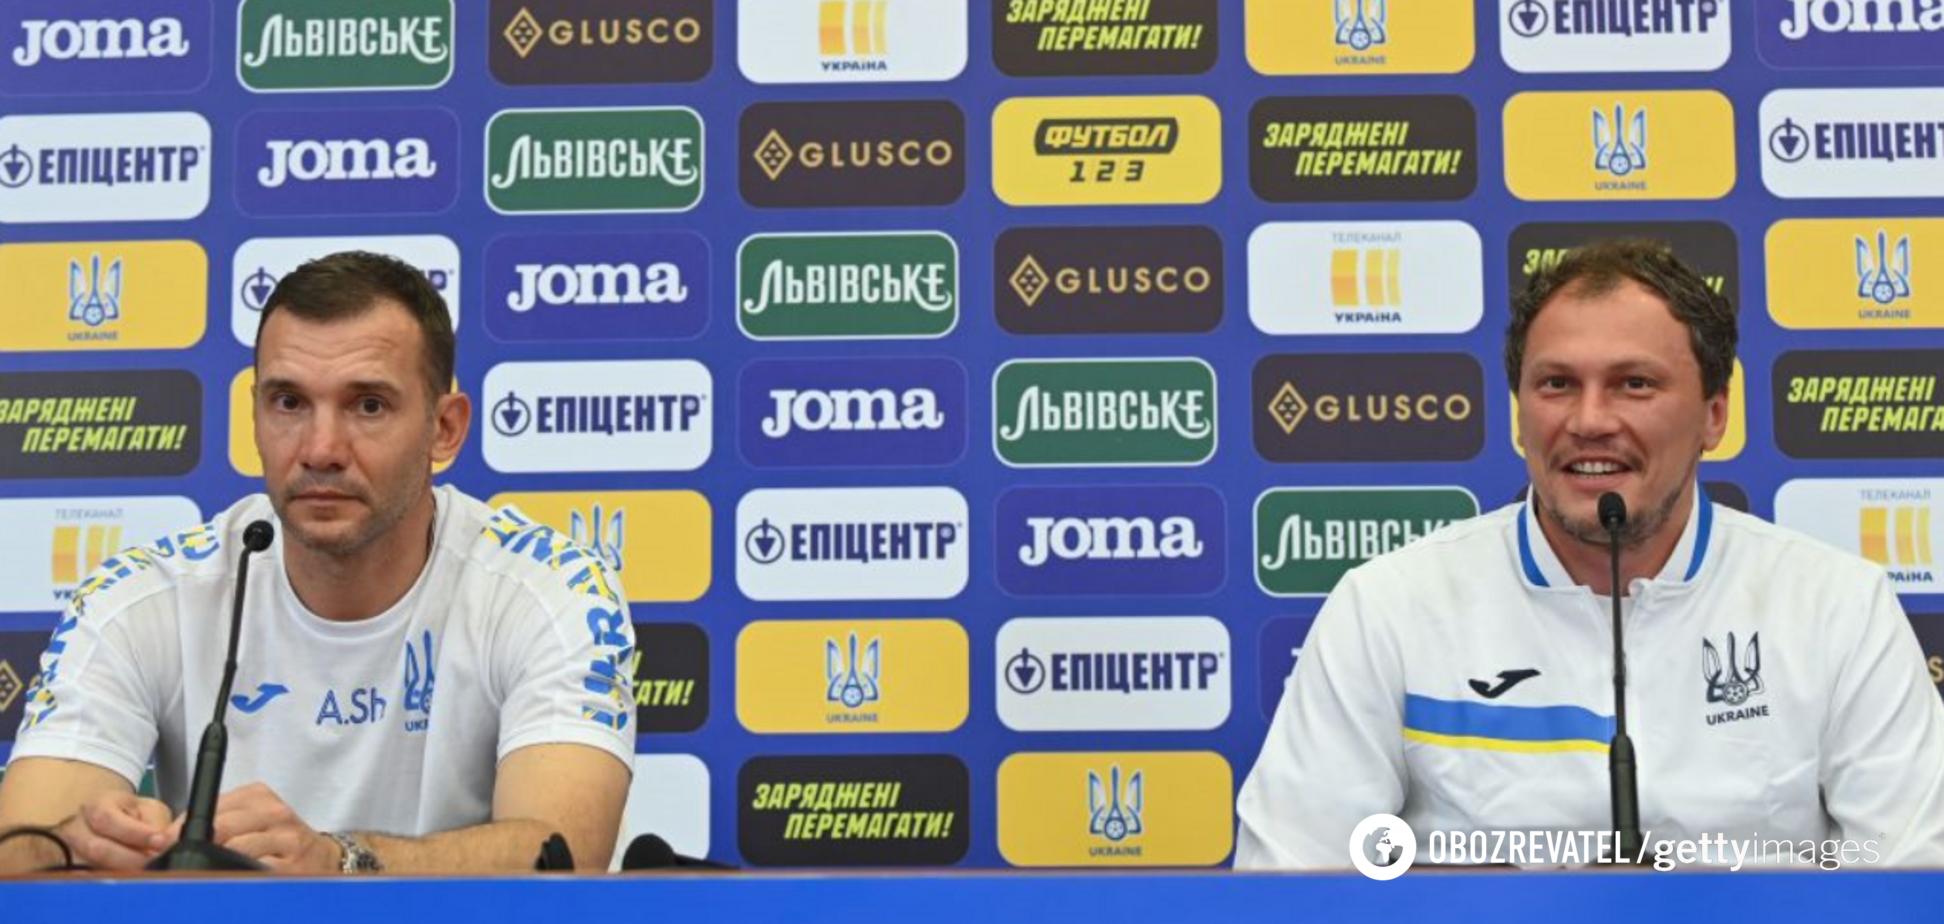 Андрій Шевченко та Андрій Пятов